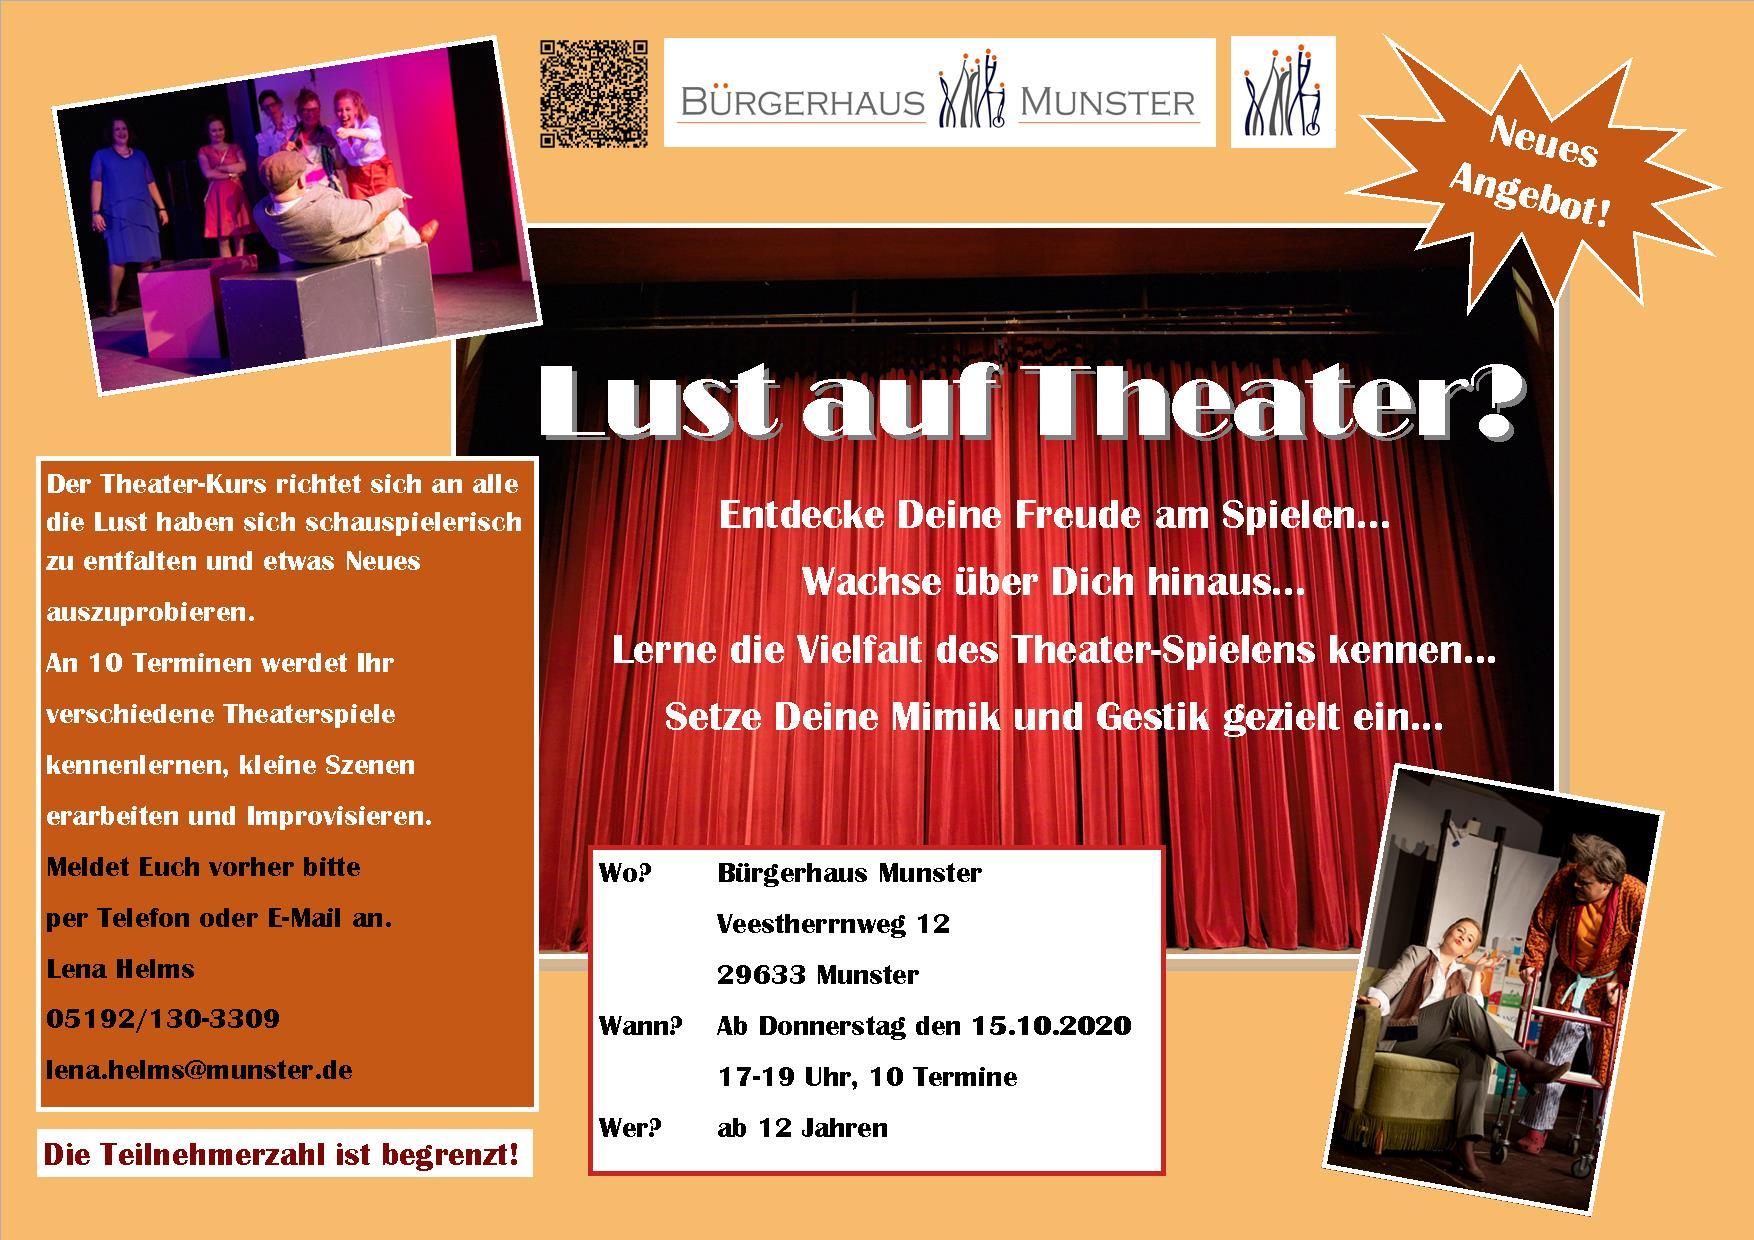 Theater-Kurs